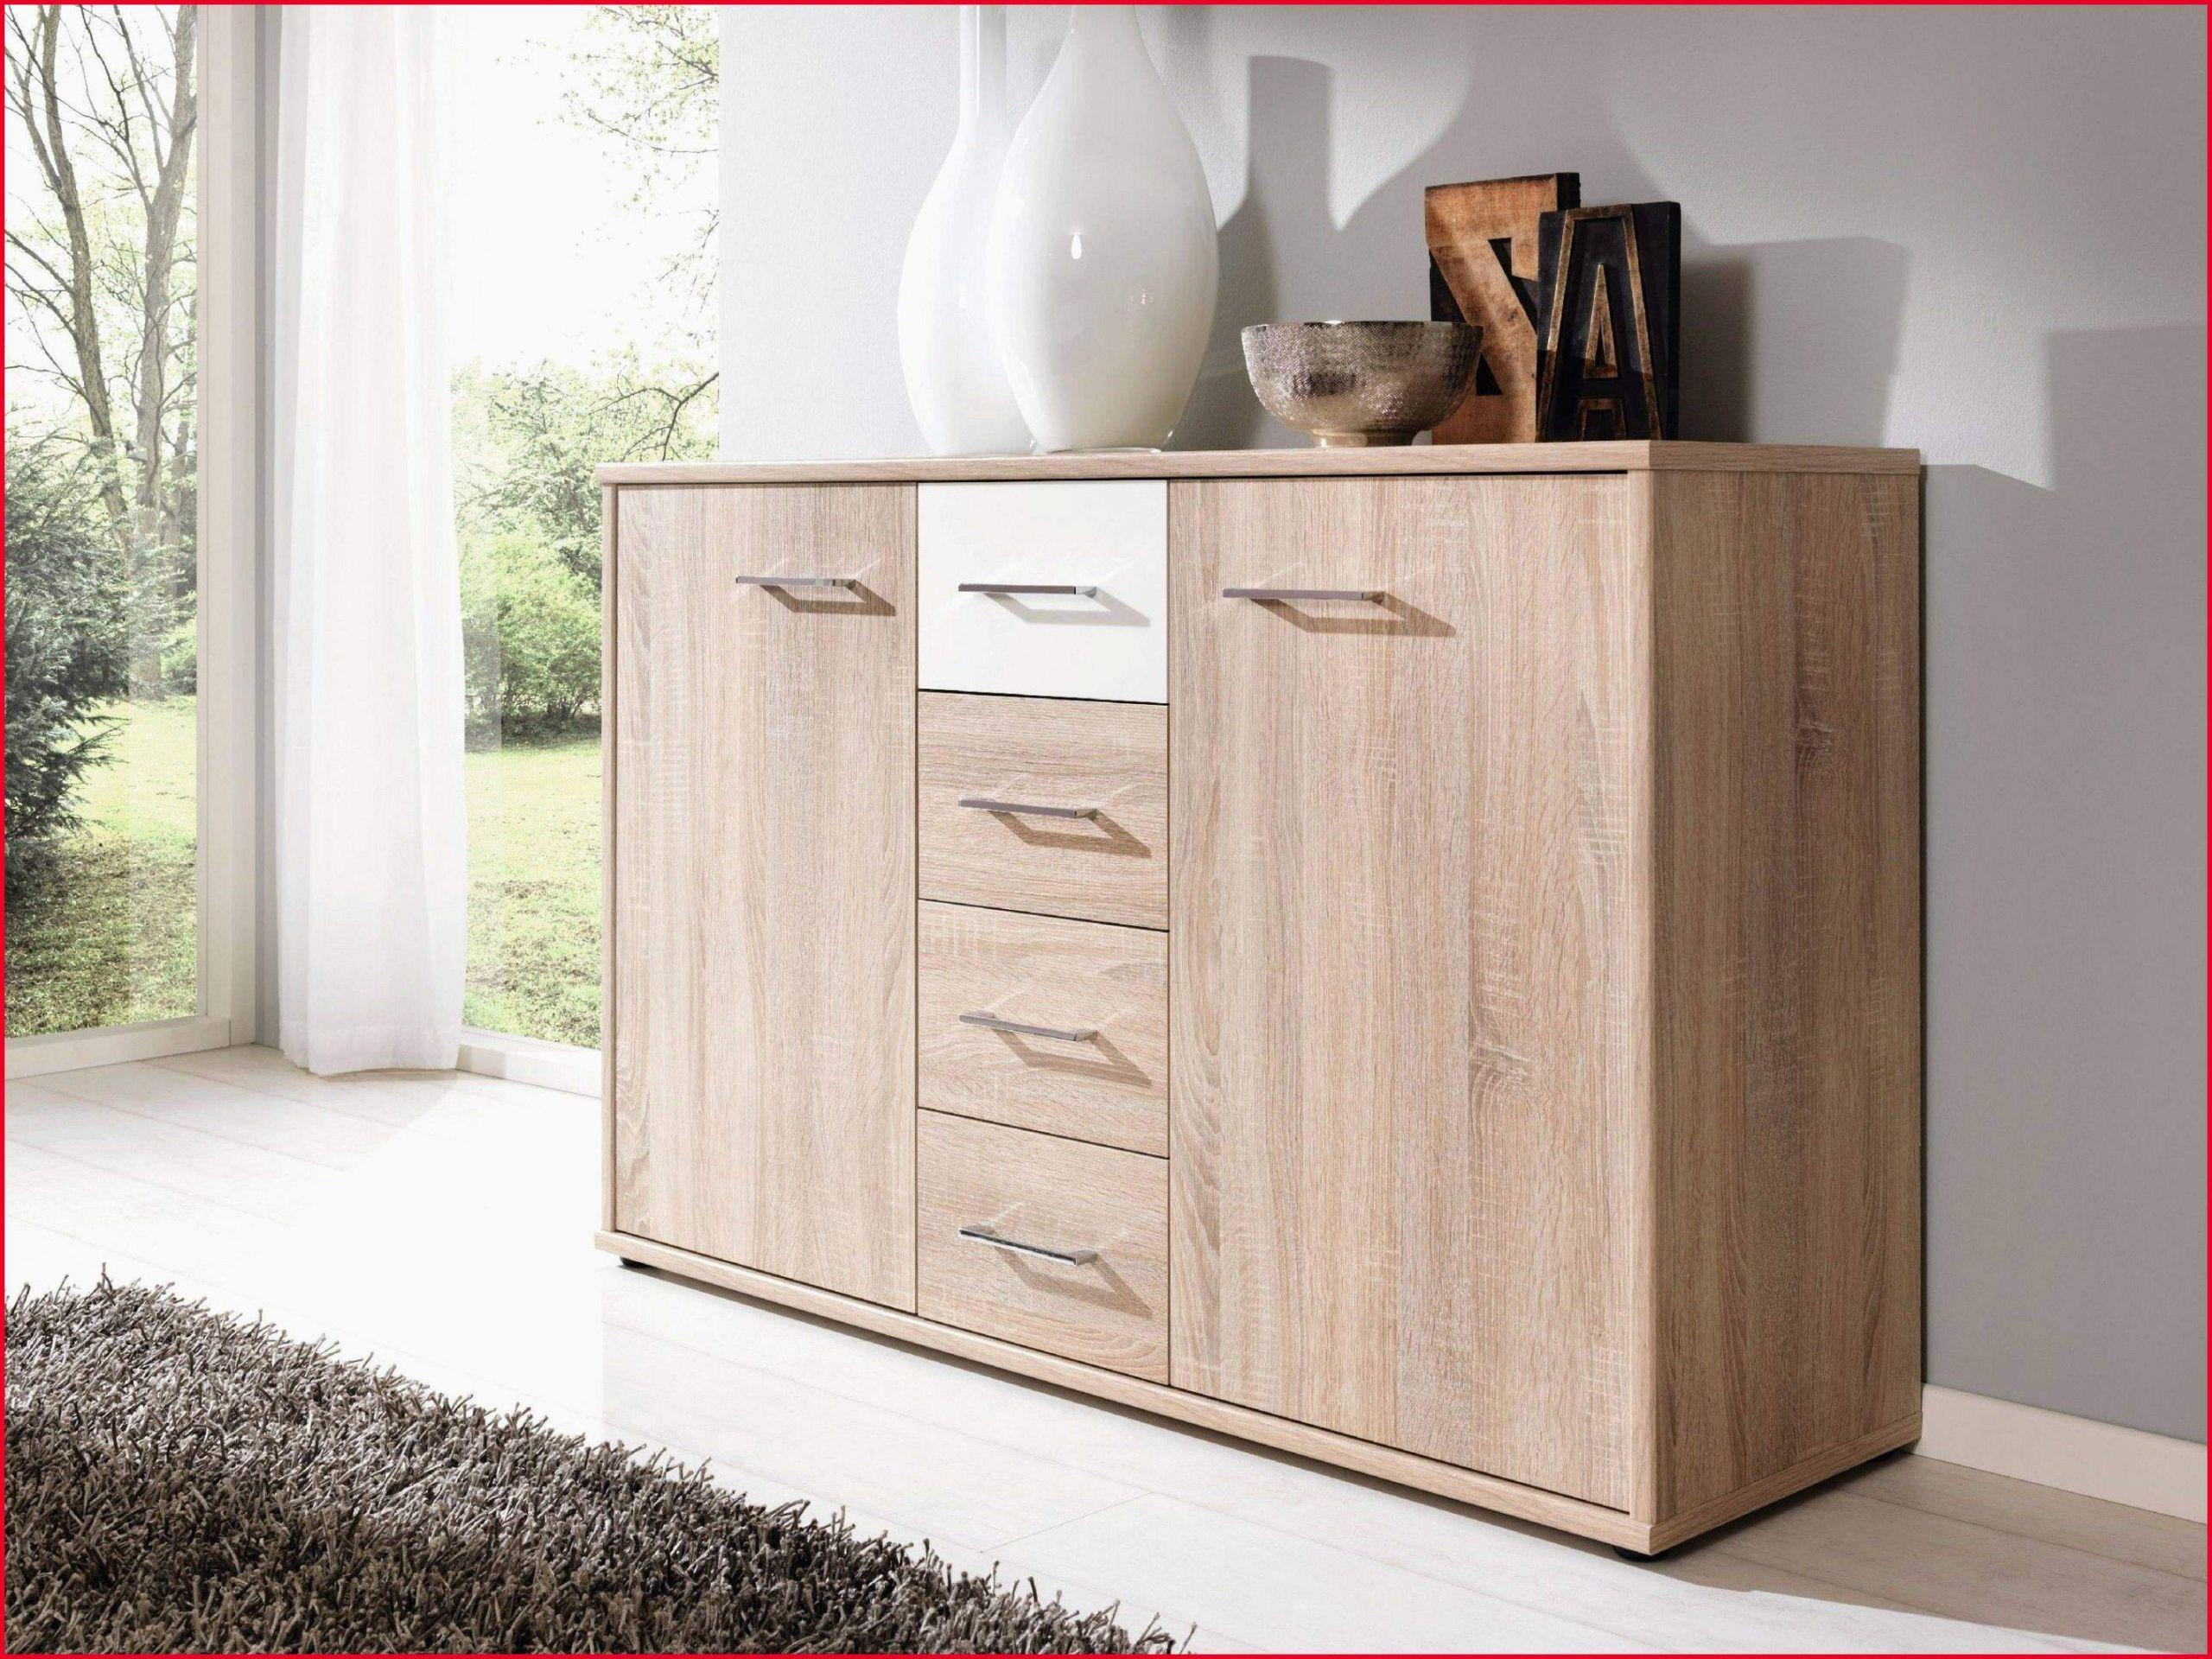 deko sideboard wohnzimmer inspirierend inspirational deko sideboard wohnzimmer concept of deko sideboard wohnzimmer scaled